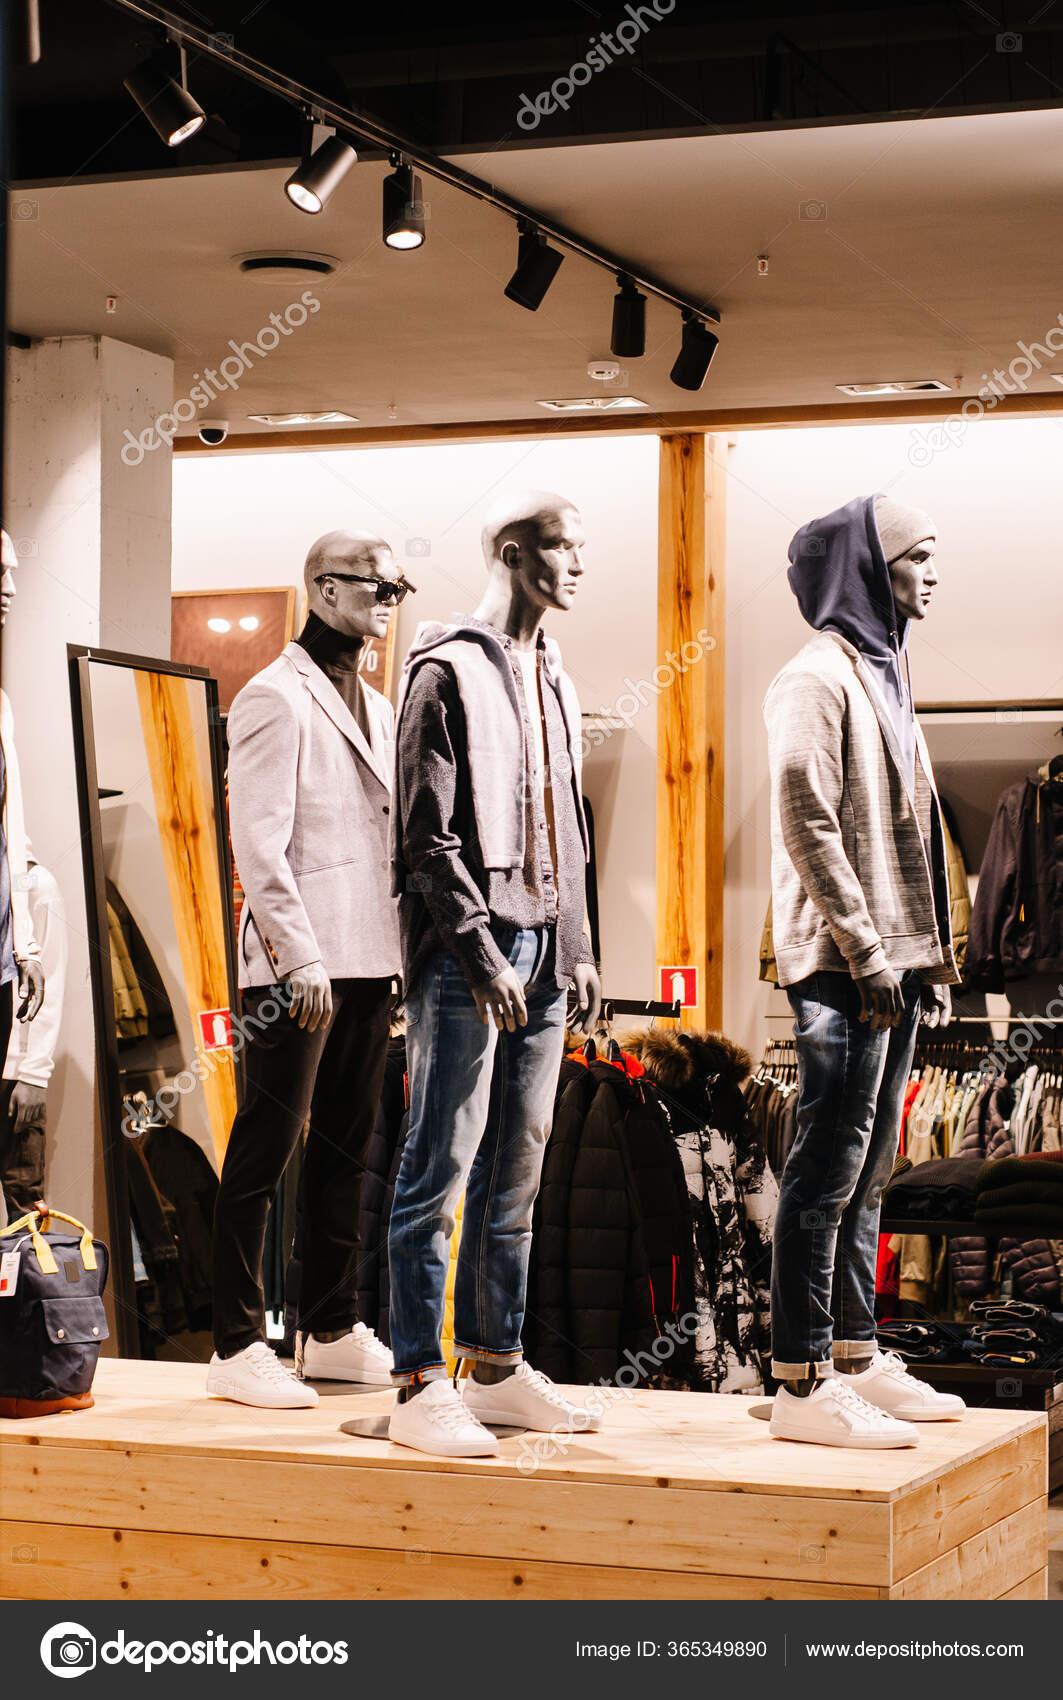 Negozio Con Uomo Donna Vestiti Manichini Boutique Finestra ...